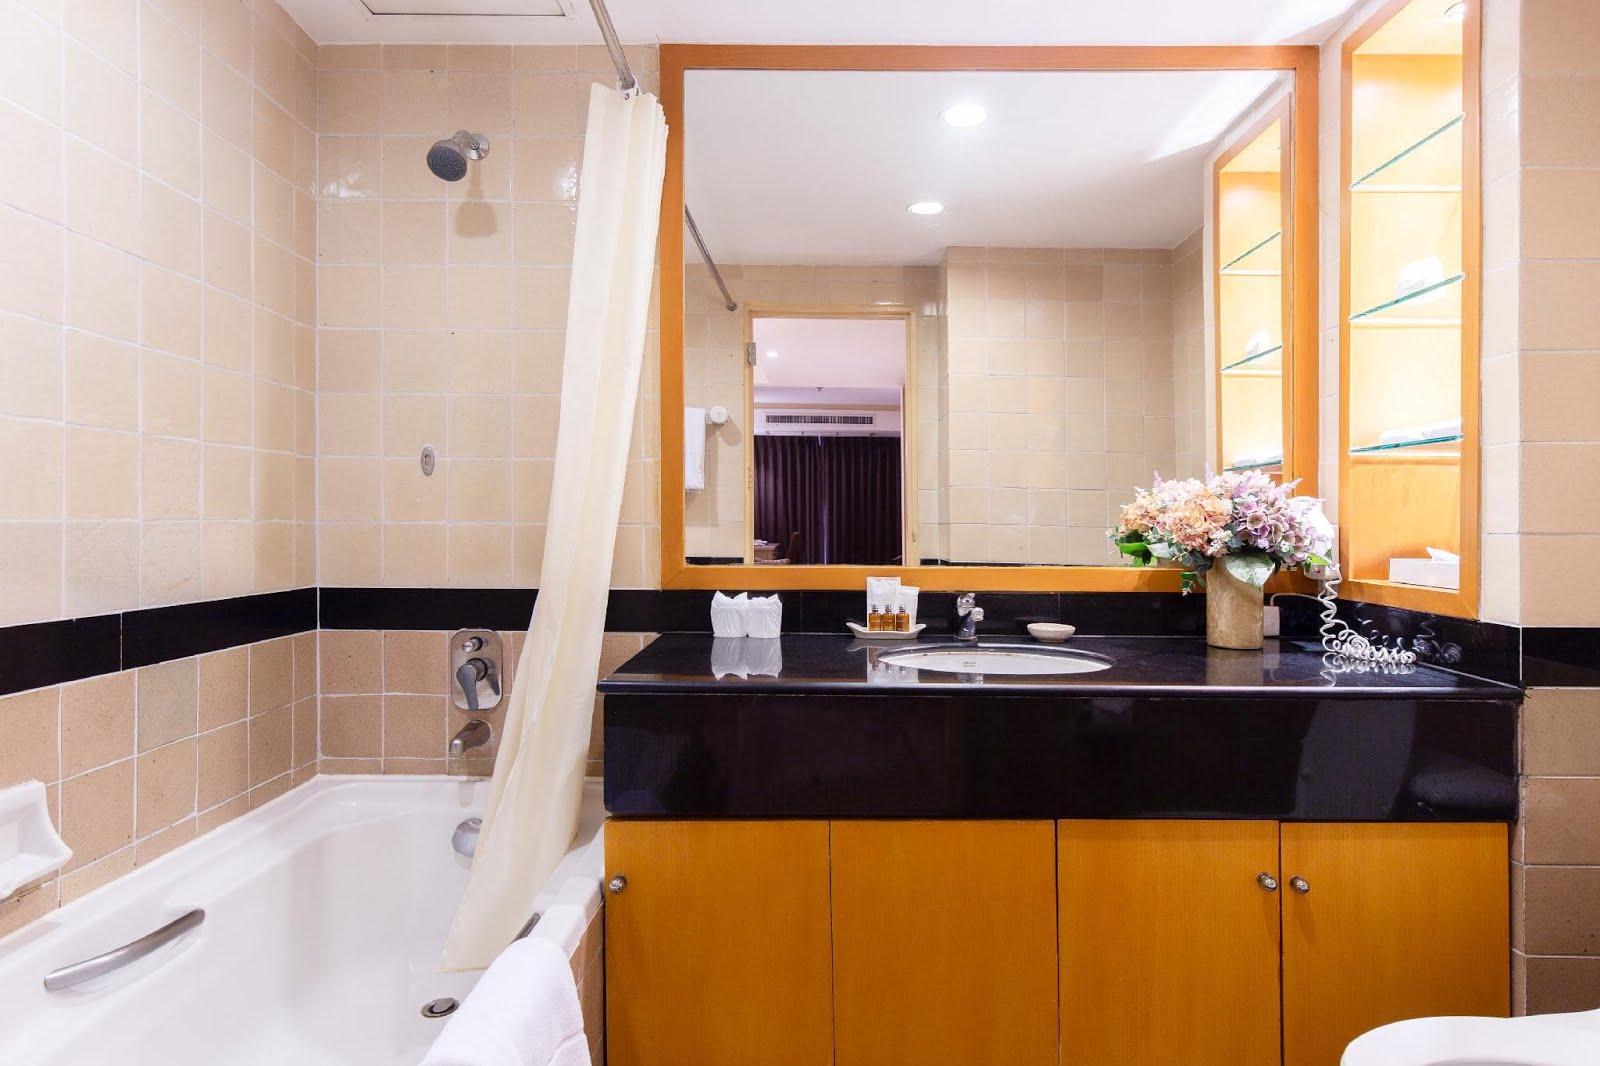 10 ที่พักกรุงเทพวิวสวย ราคาถูก มีอ่างอาบน้ำ เริ่มต้นแค่ 700 บาท/คืน